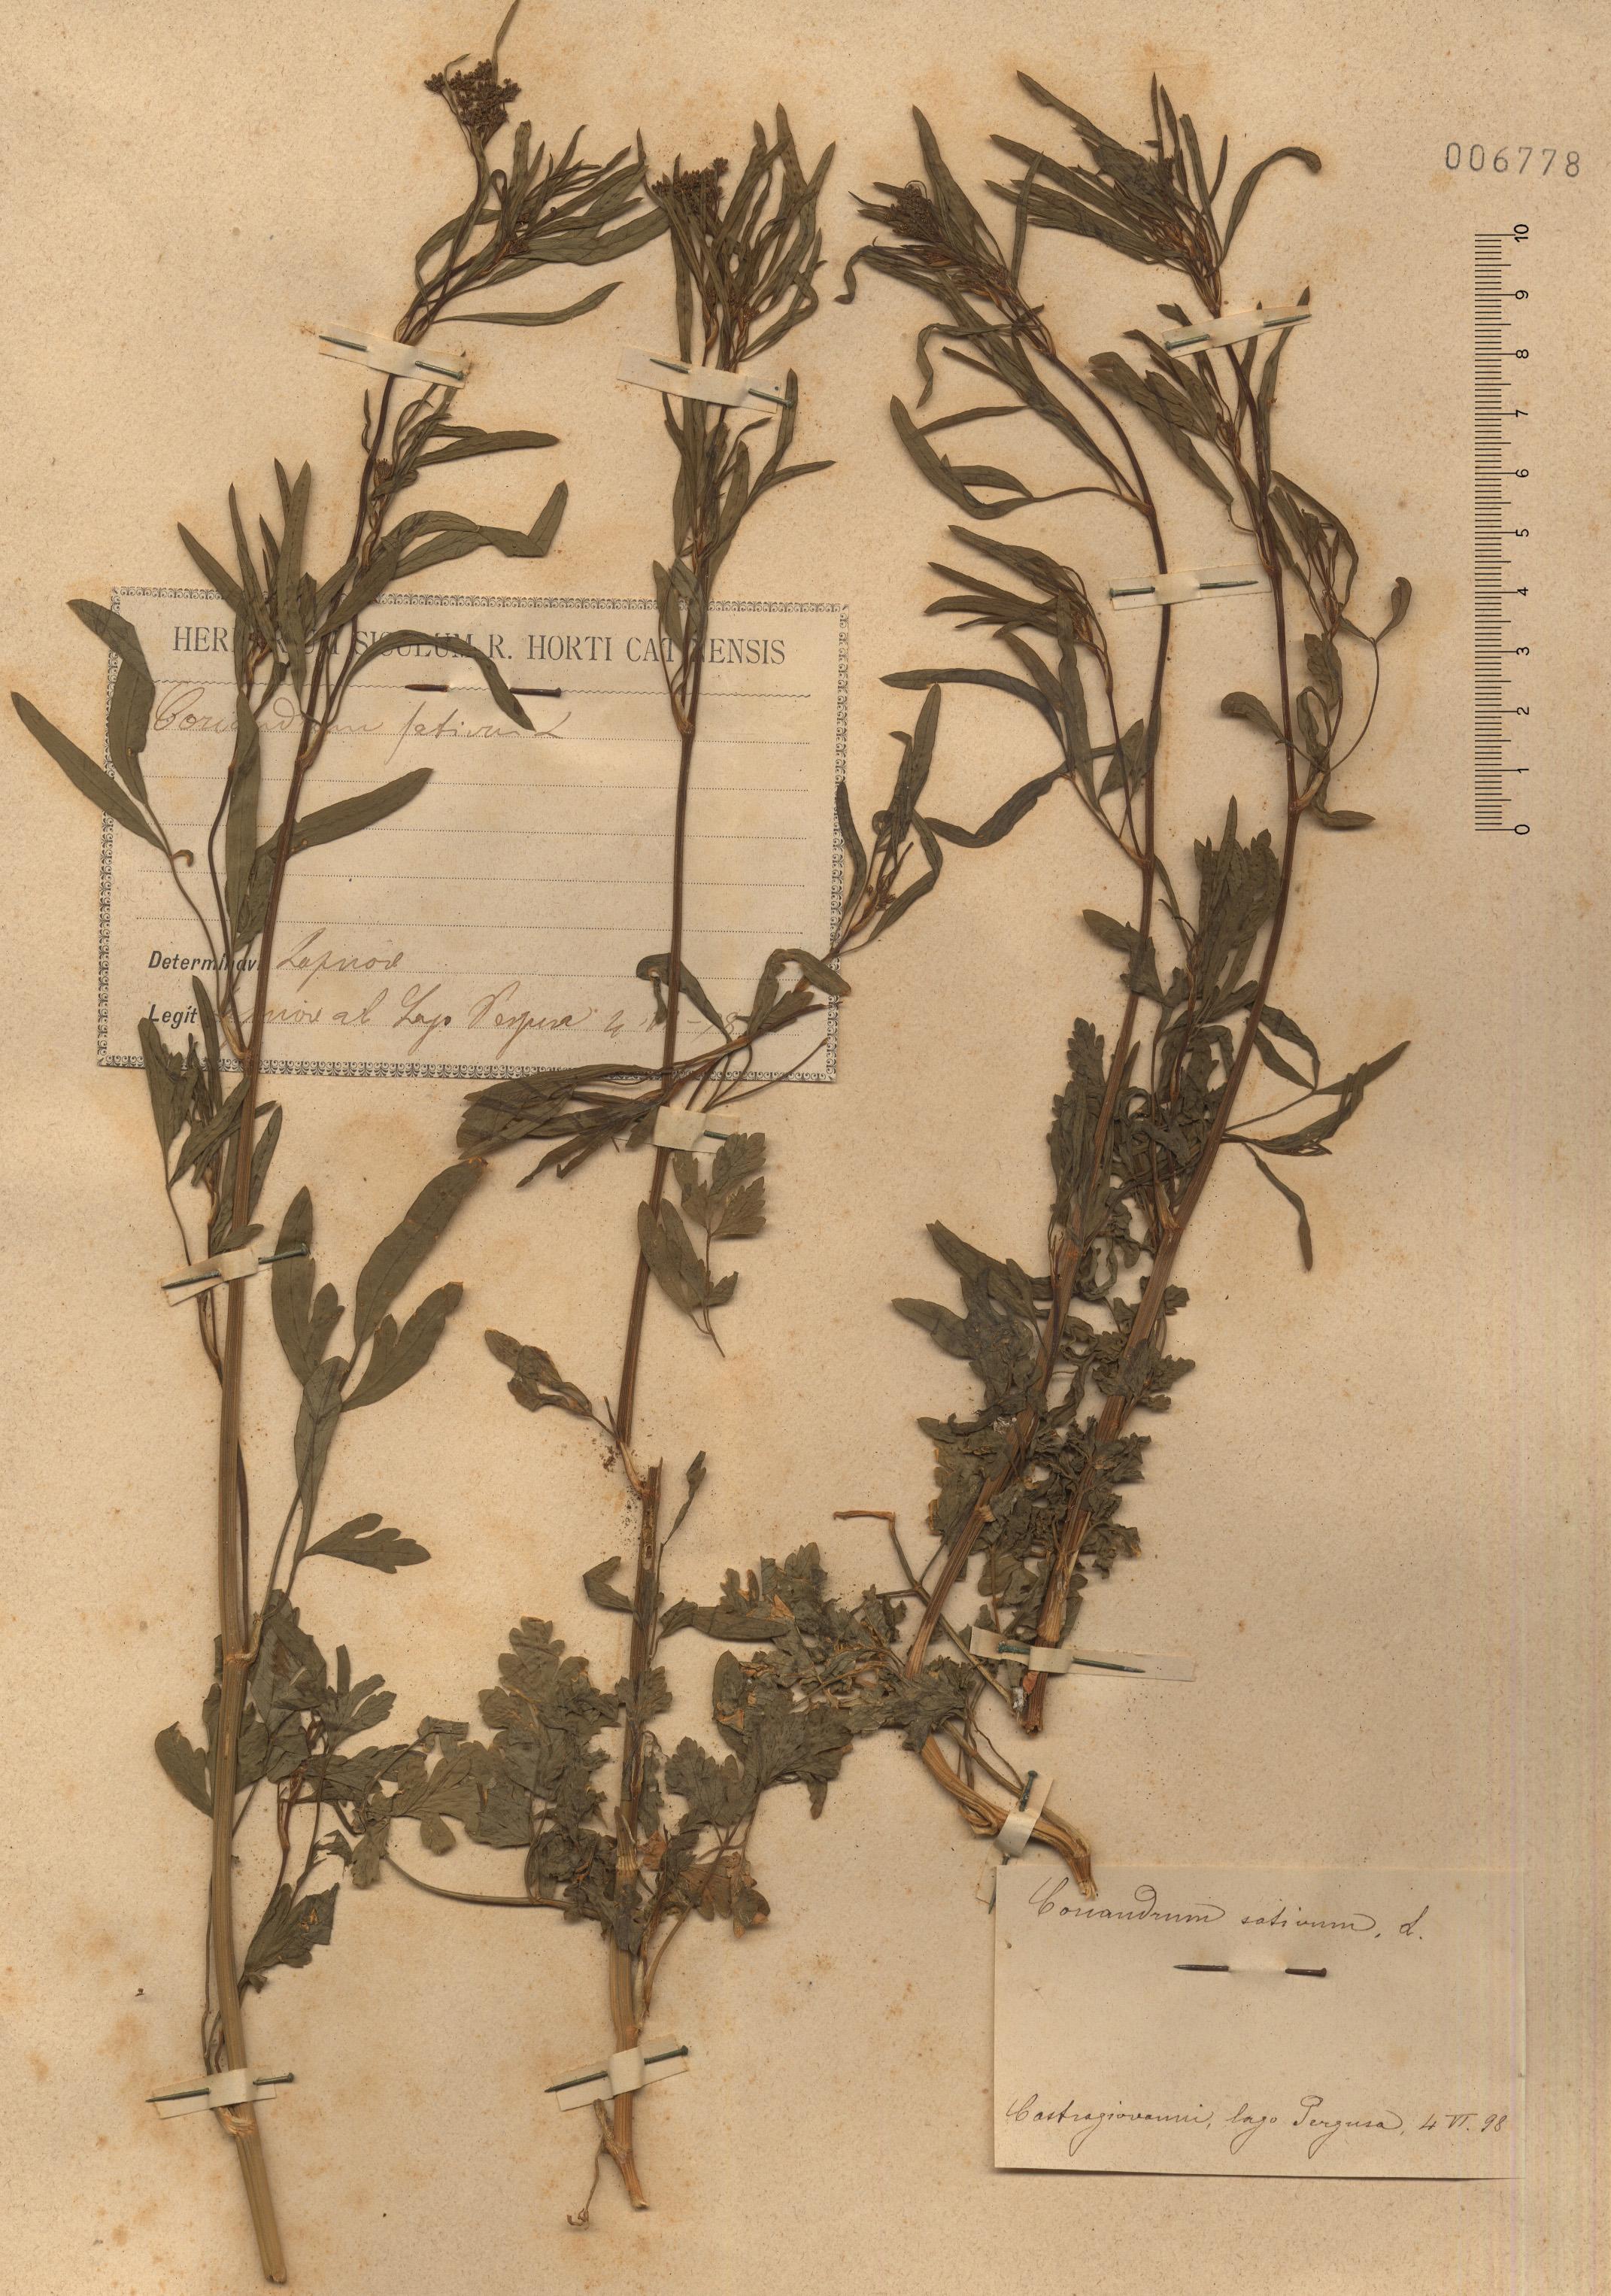 © Hortus Botanicus Catinensis - Herb. sheet 006778<br>